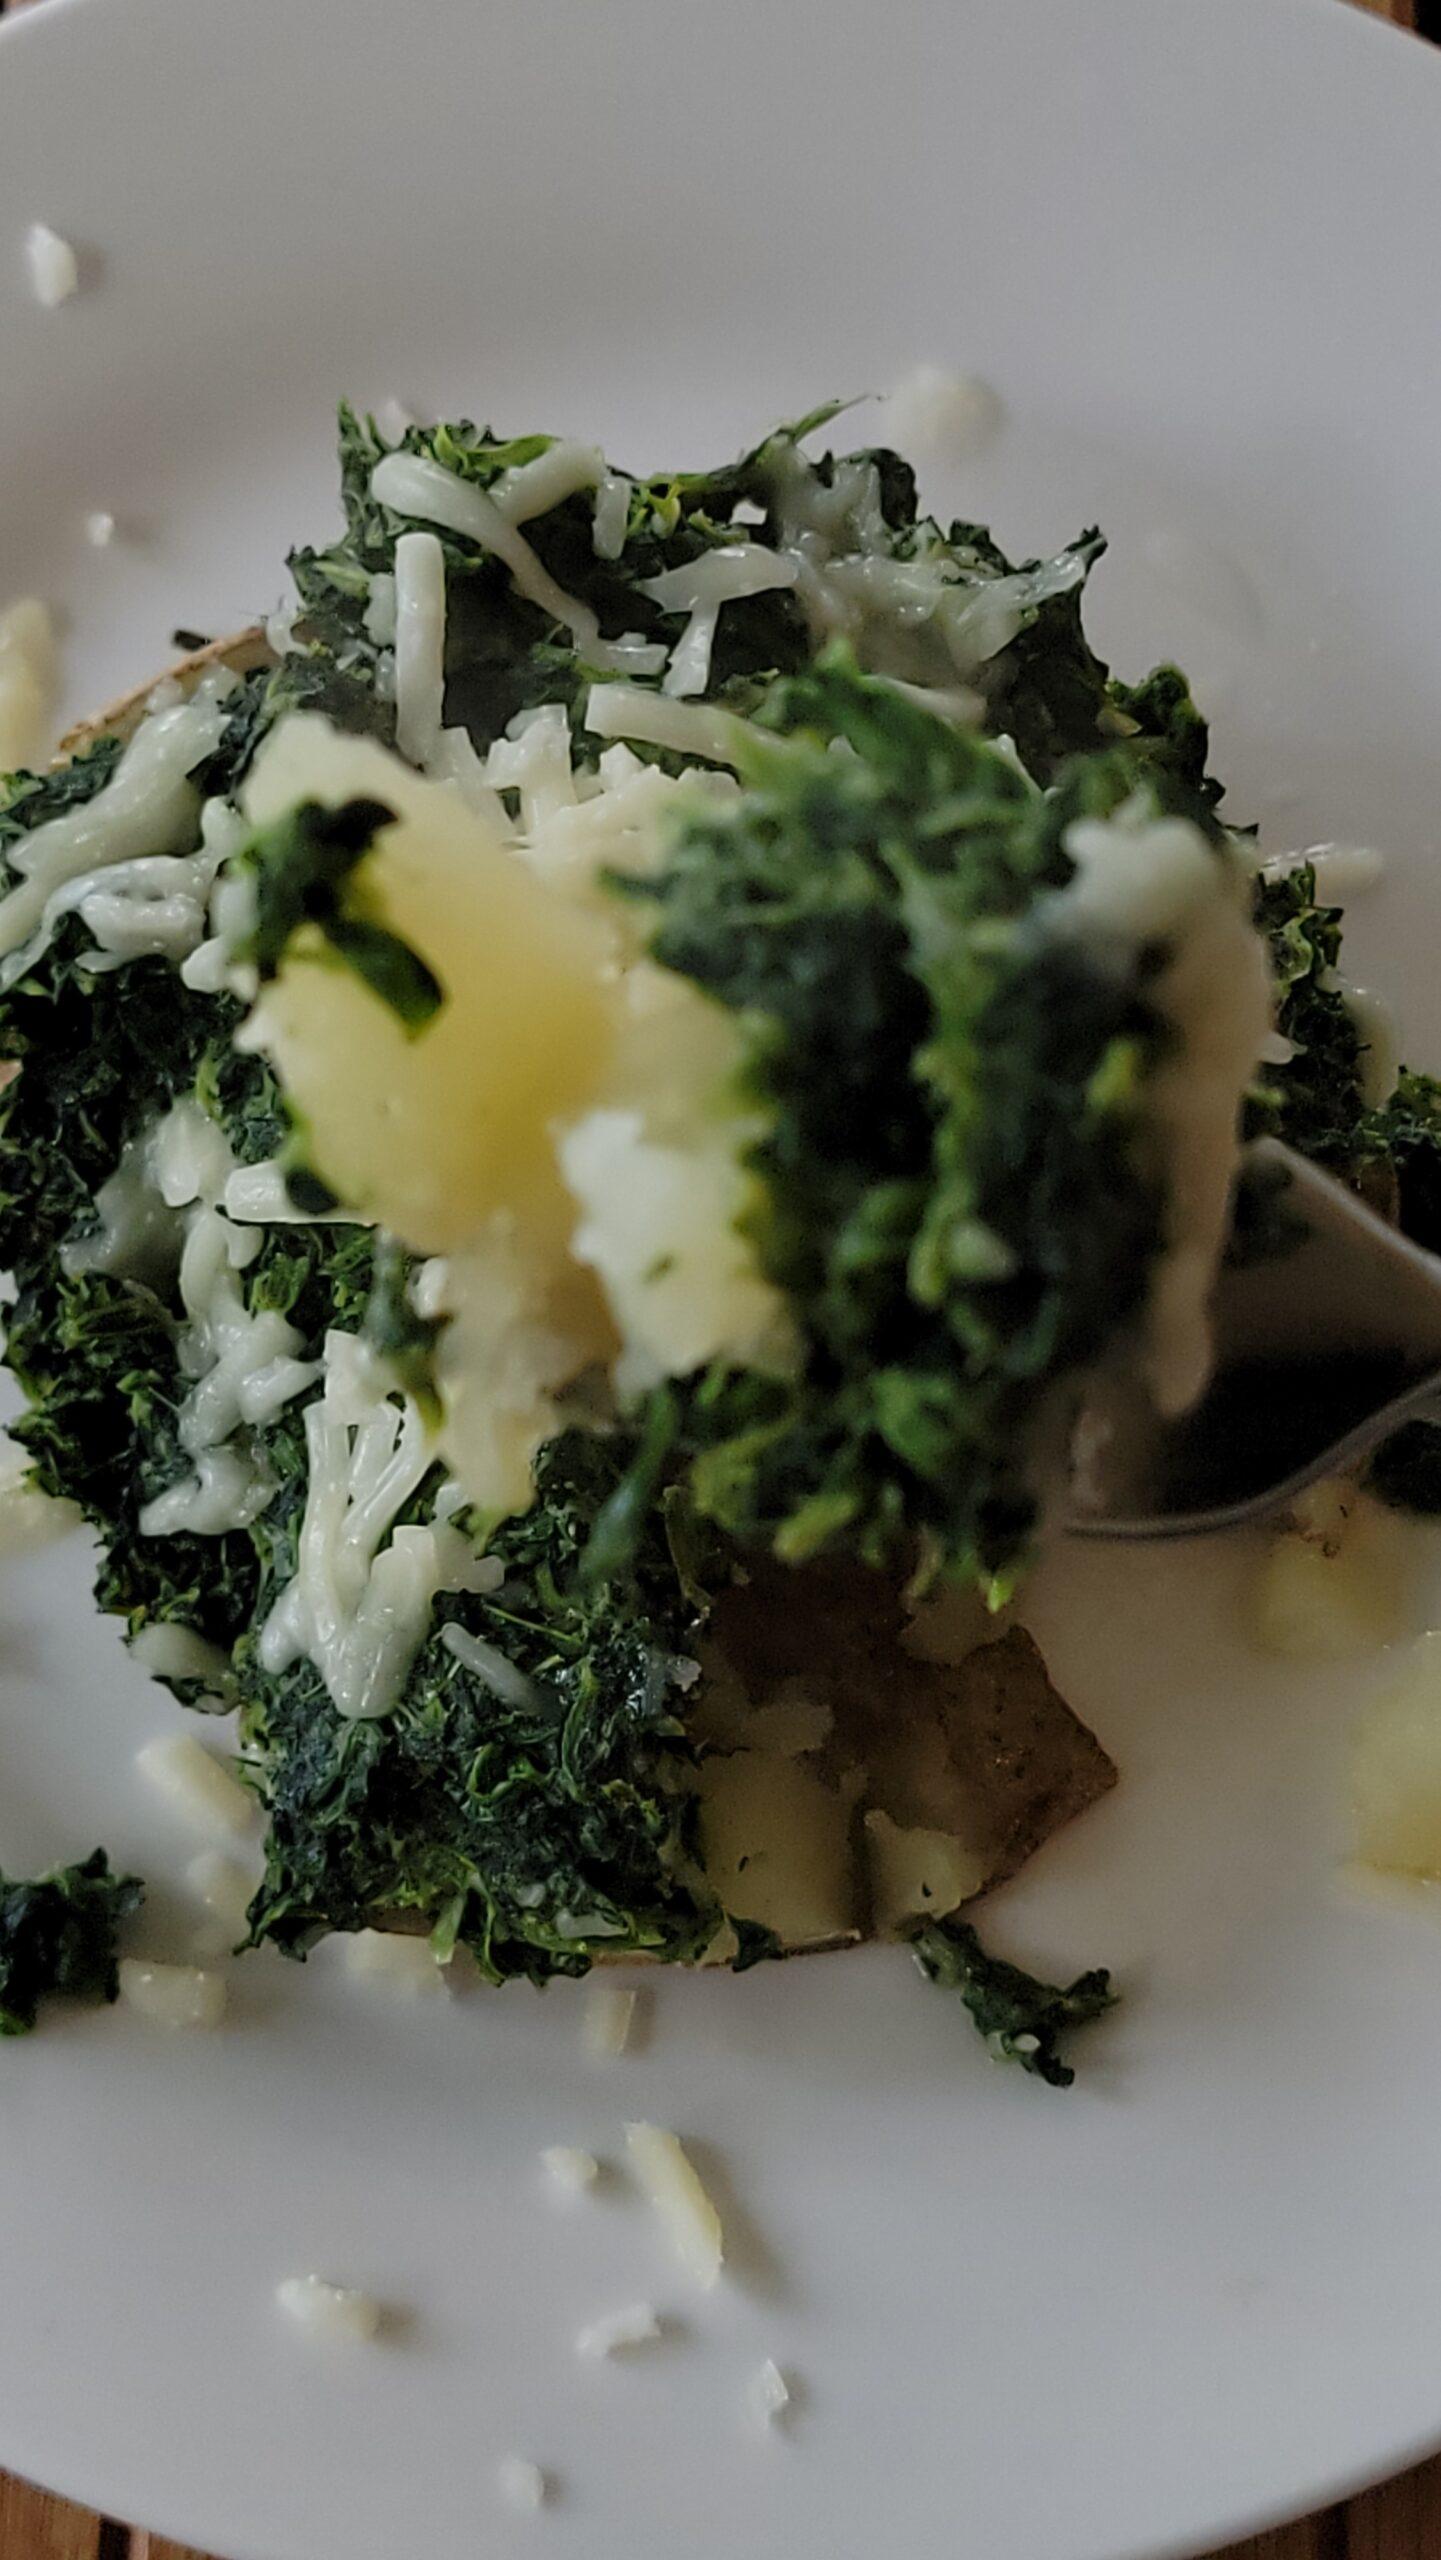 Spinach Soufflé Potato up close